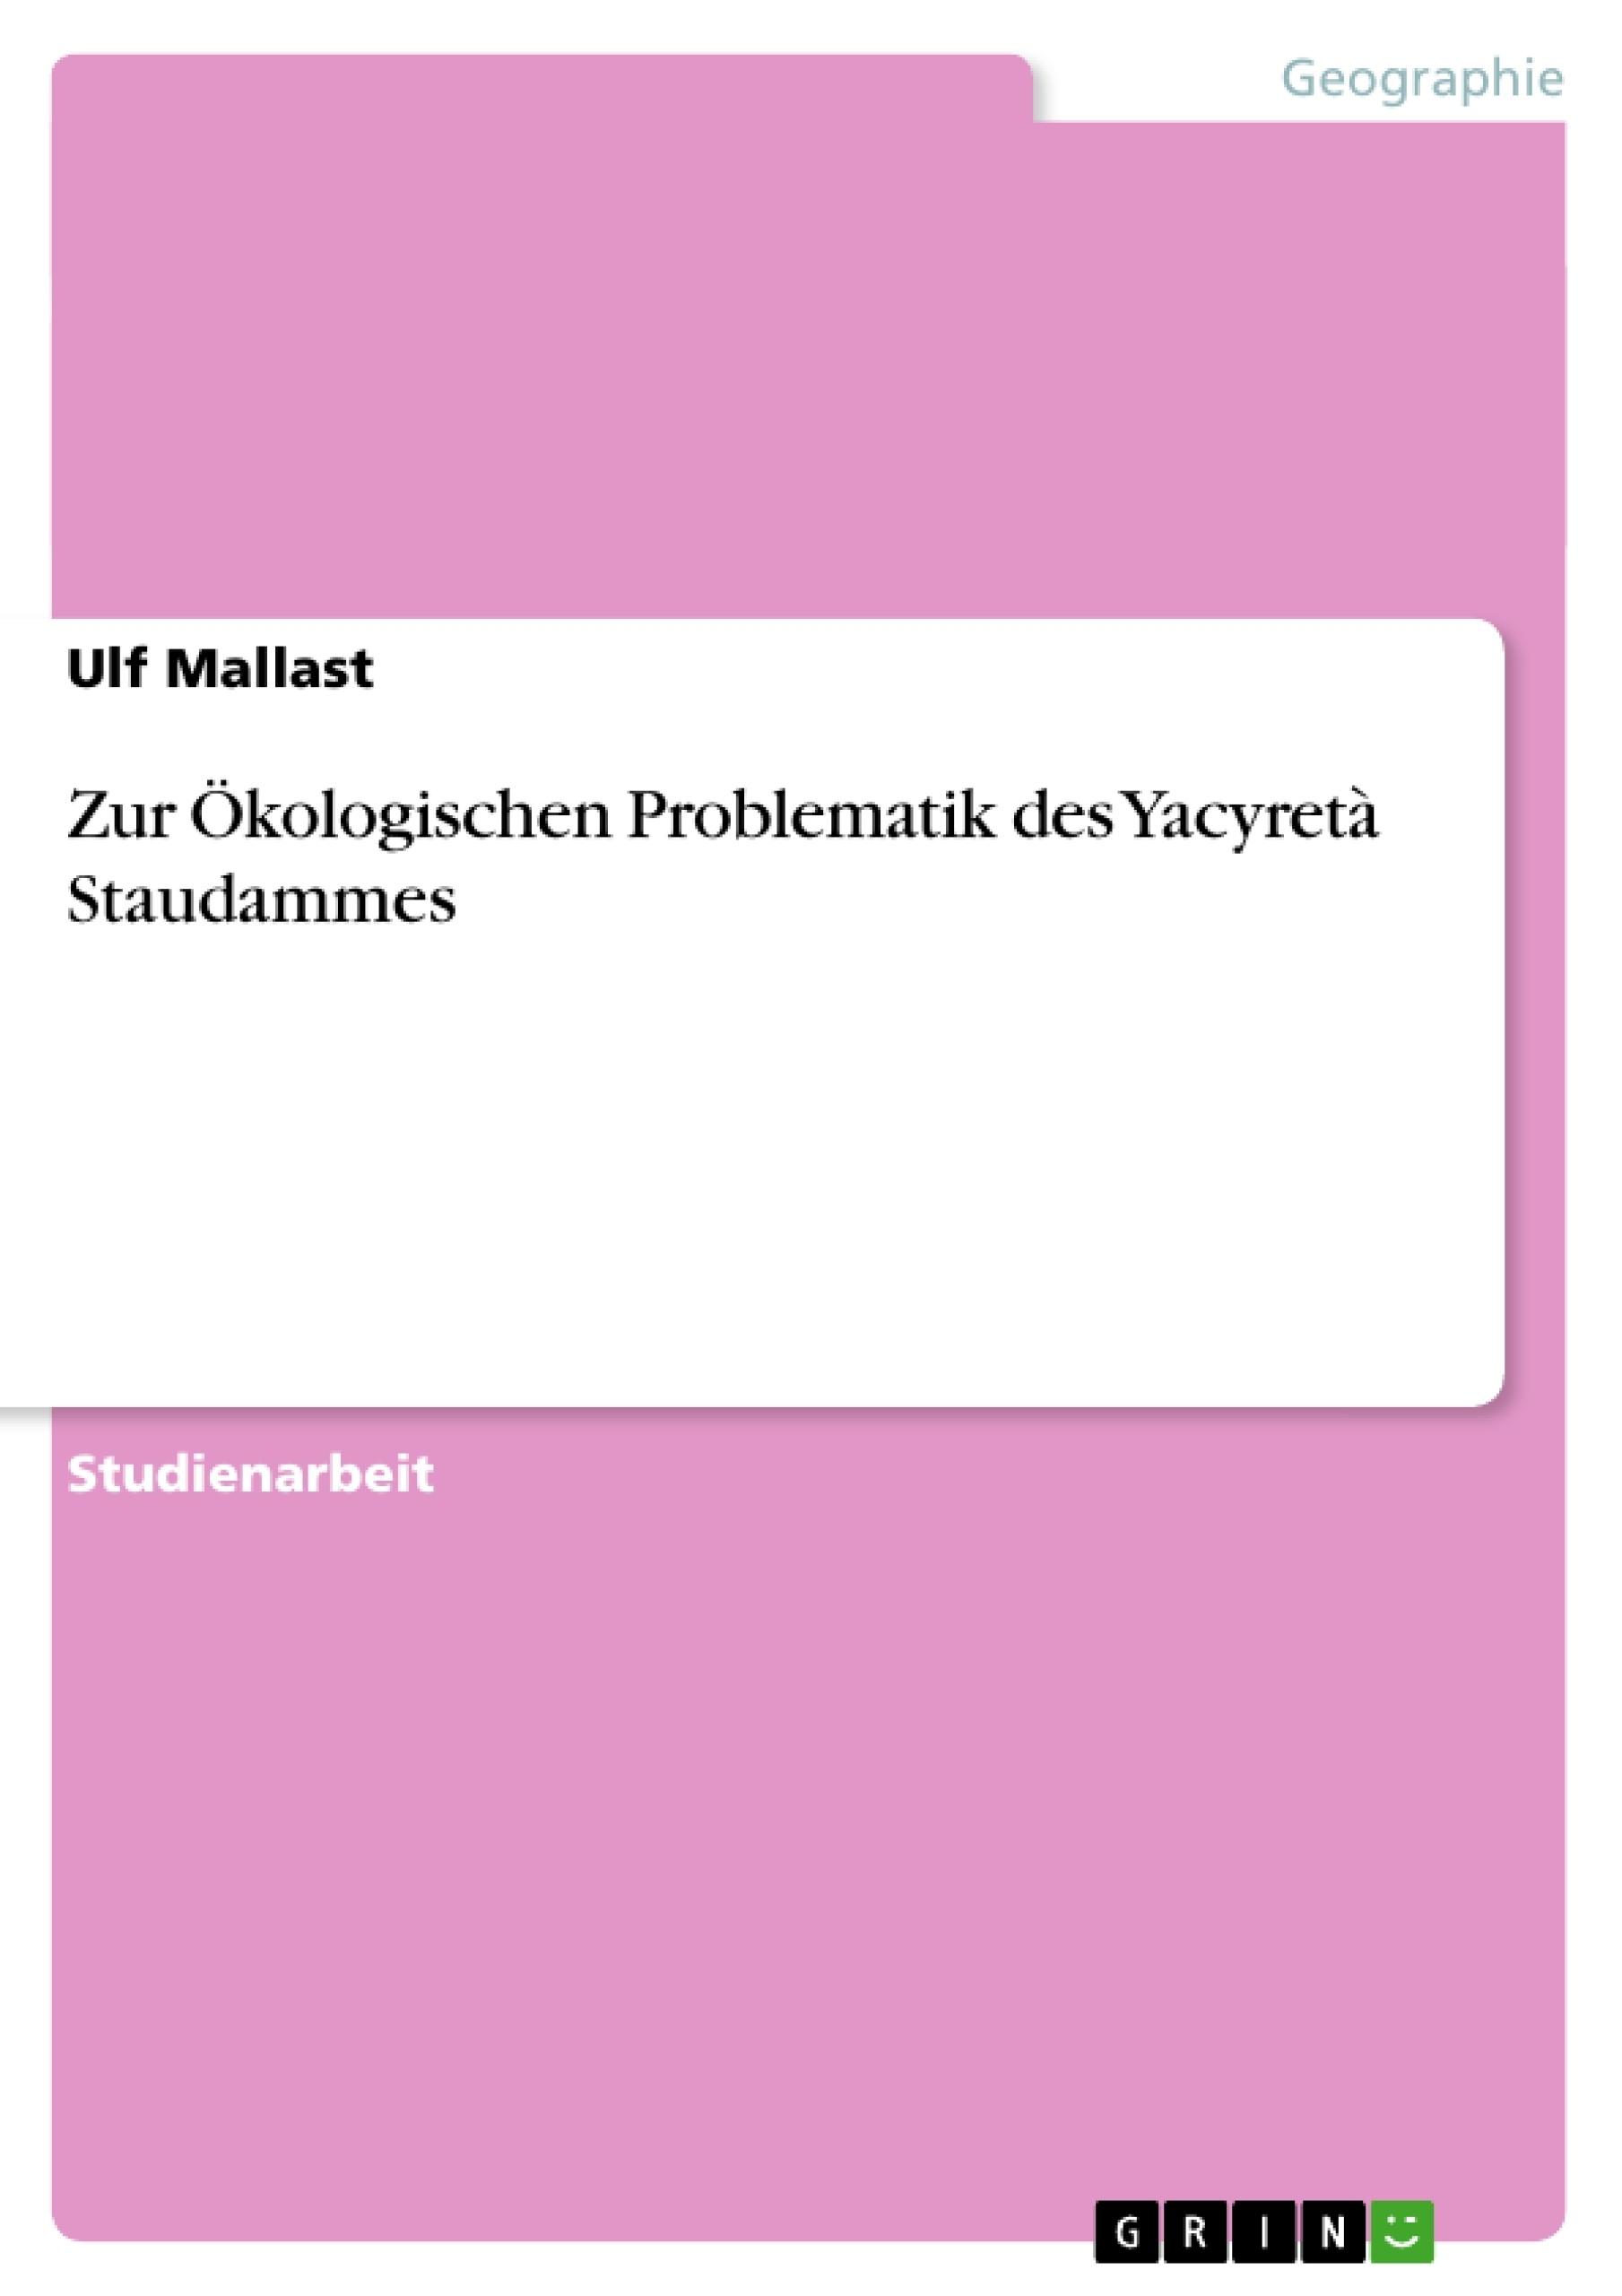 Titel: Zur Ökologischen Problematik des Yacyretà  Staudammes